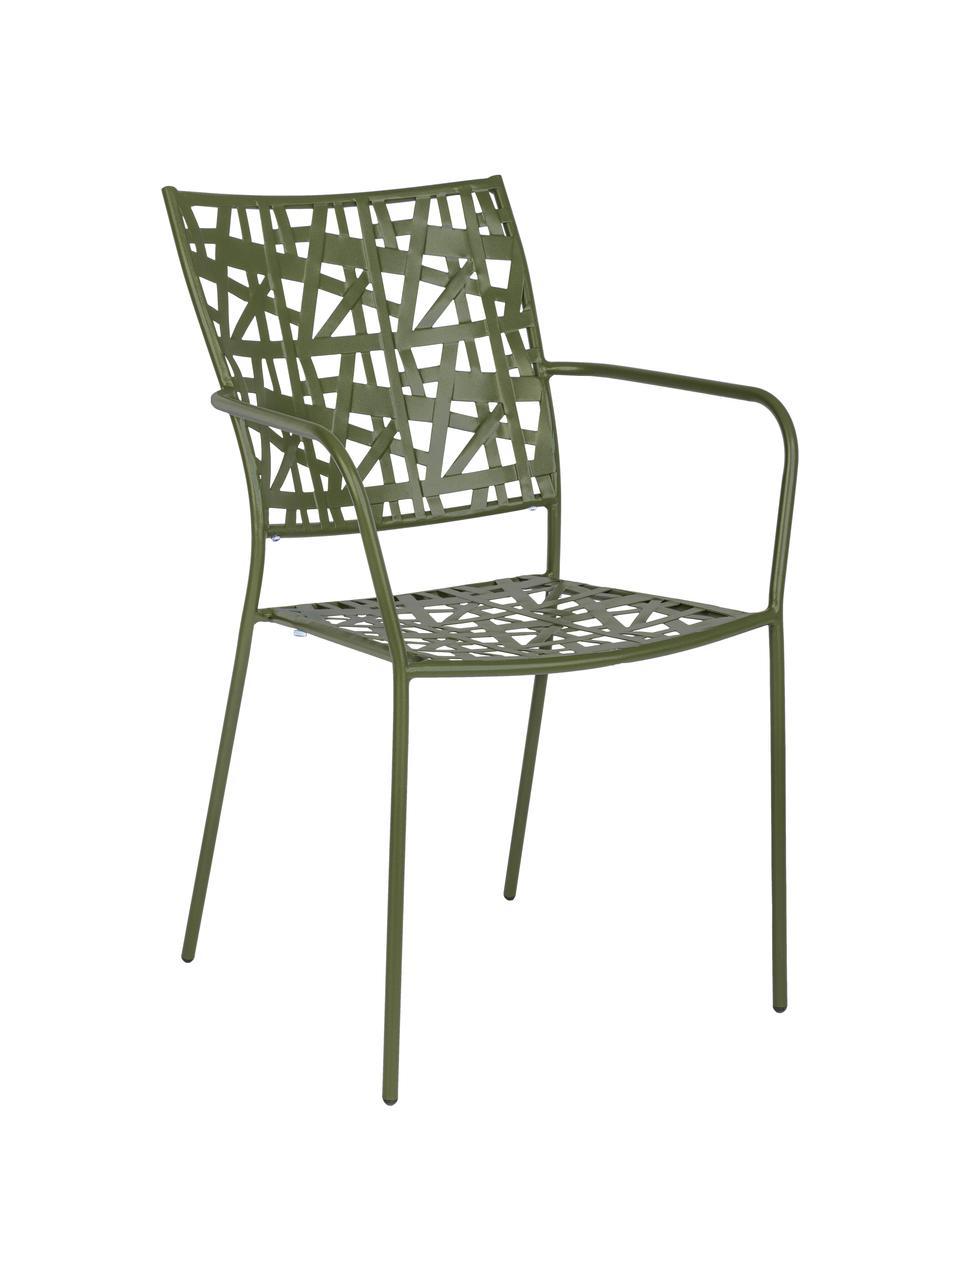 Krzesło ogrodowe z metalu Kelsie, Metal malowany proszkowo, Zielony, S 55 x G 54 cm